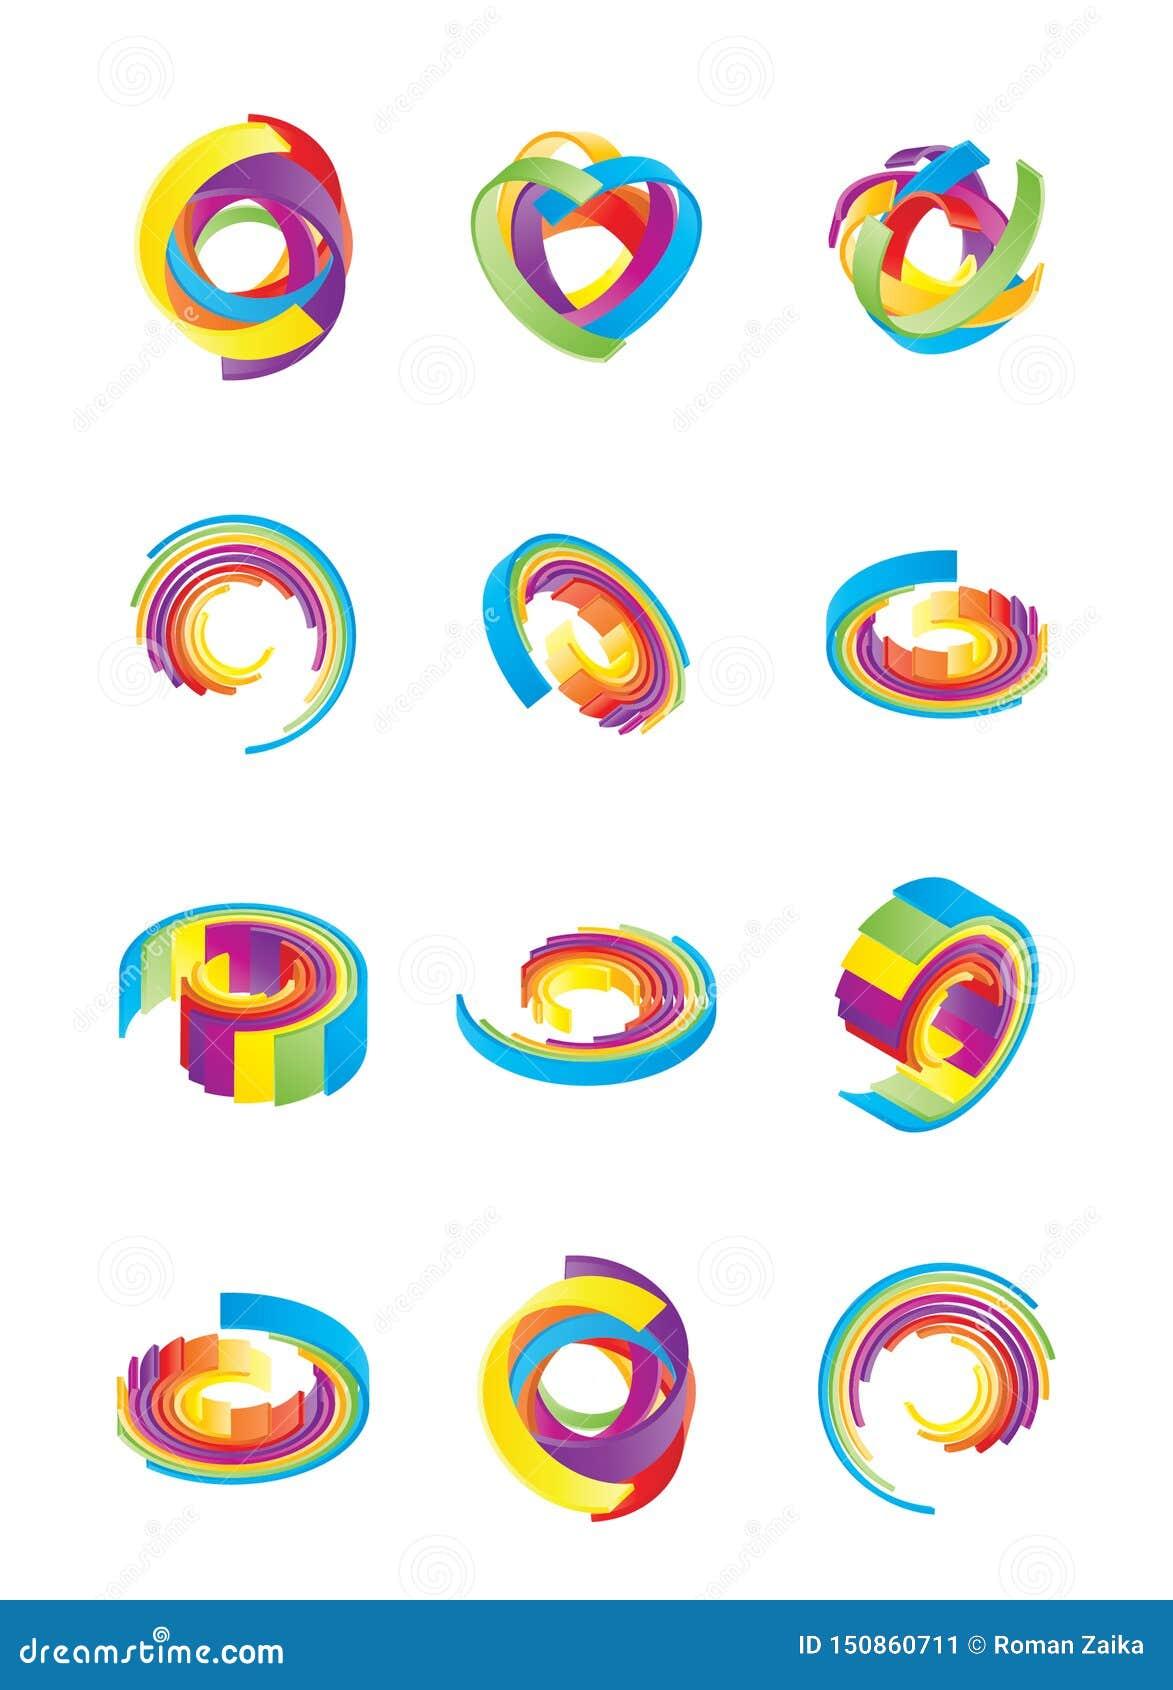 Elemento gráfico o imágenes de fondo abstractas